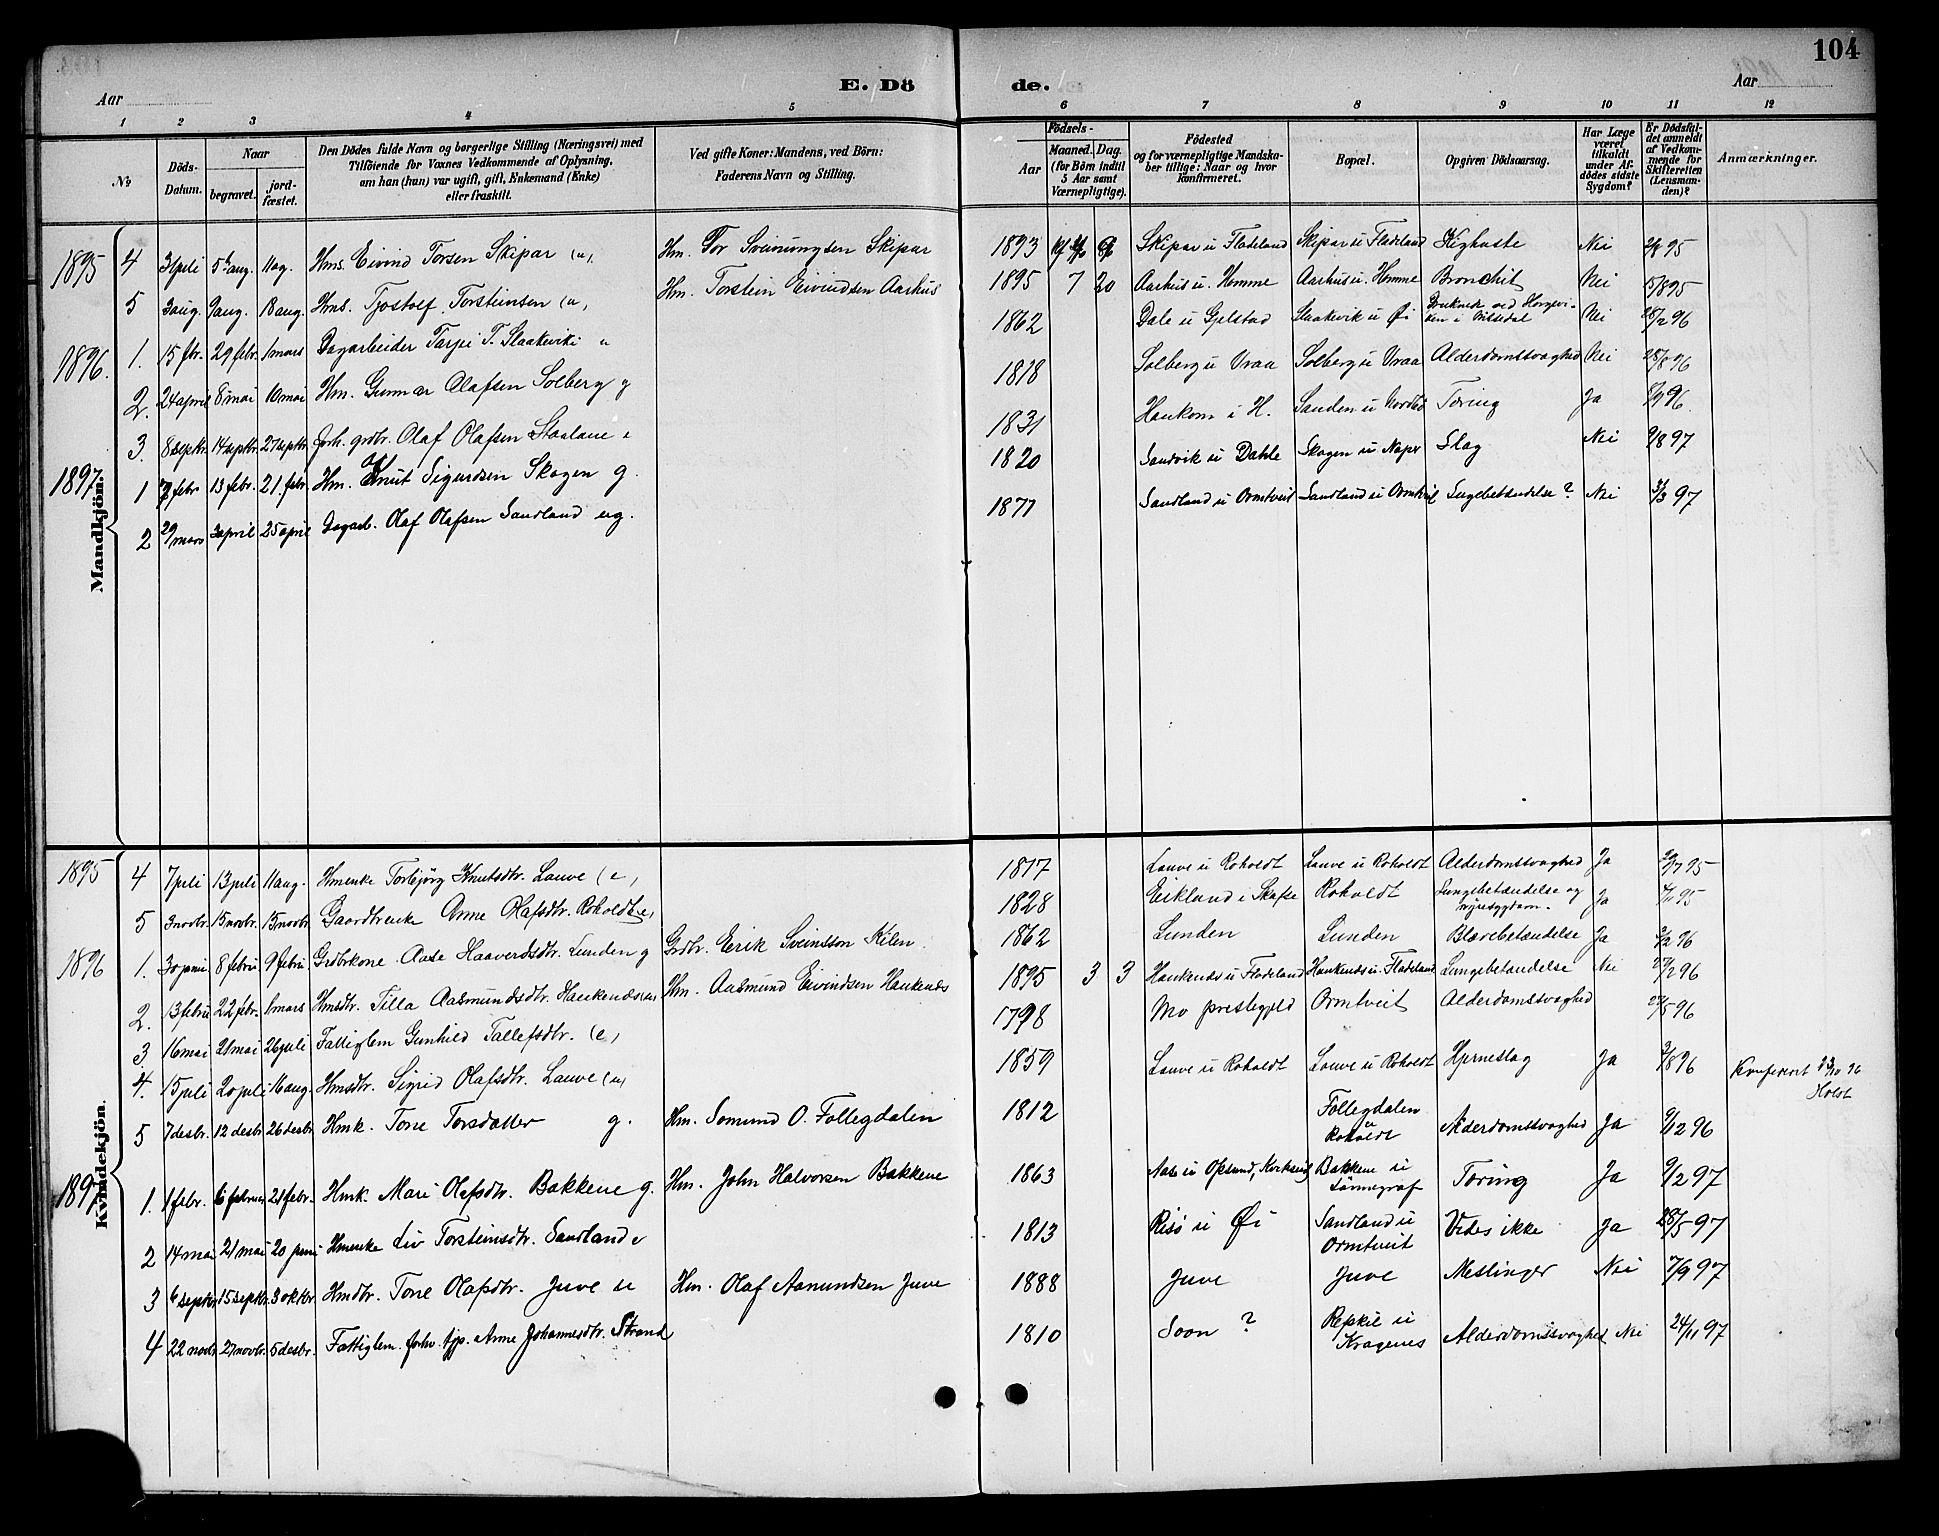 SAKO, Kviteseid kirkebøker, G/Gc/L0001: Klokkerbok nr. III 1, 1893-1916, s. 104